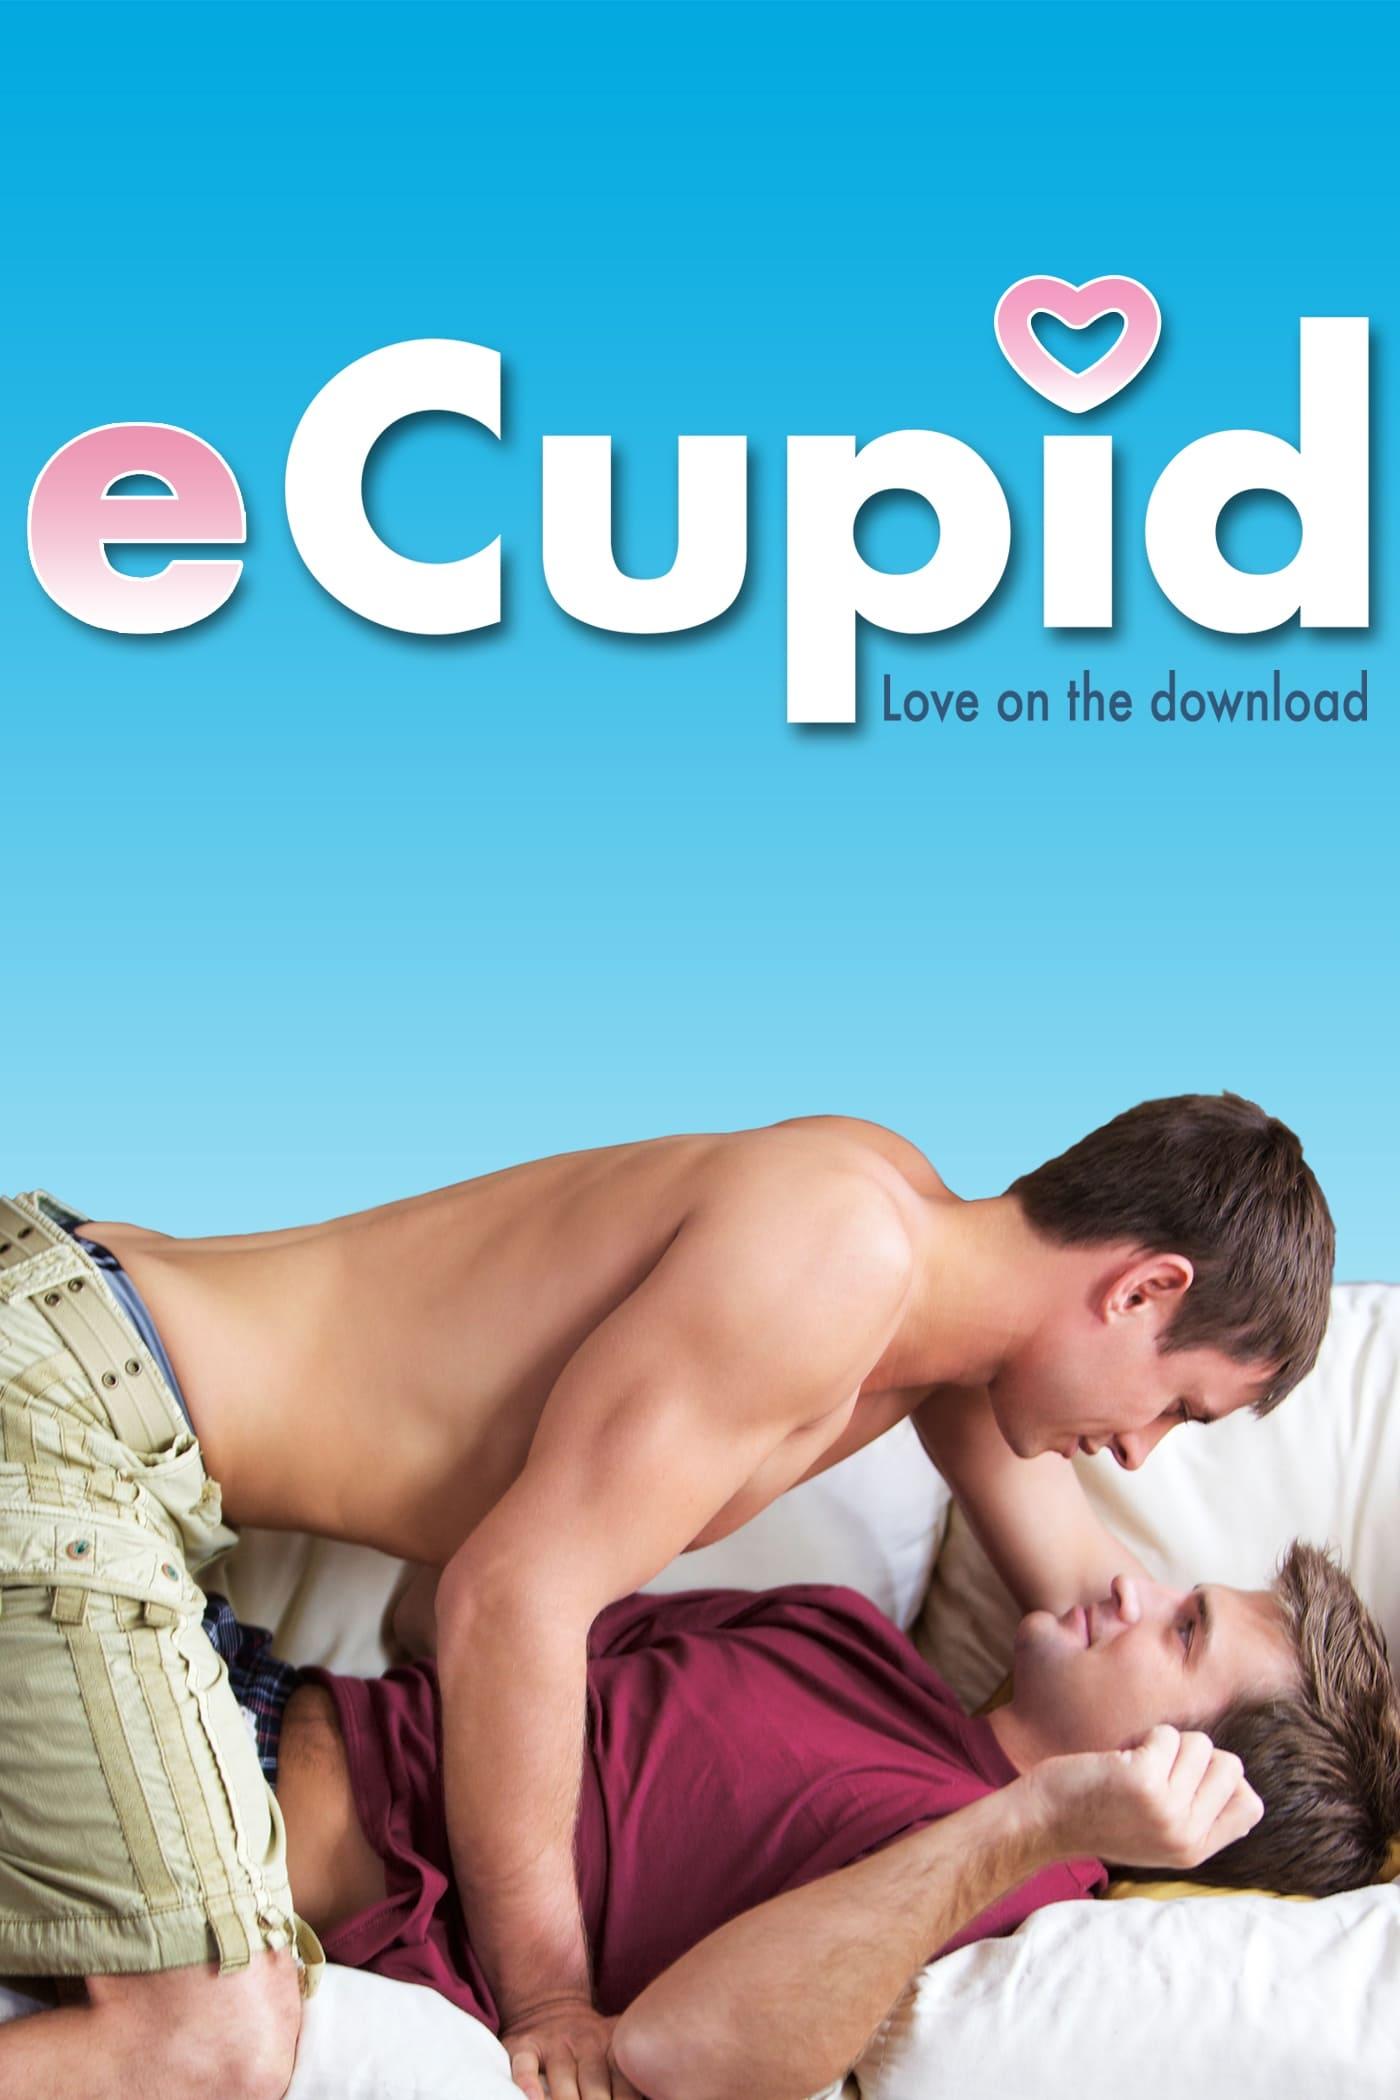 eCupid on FREECABLE TV